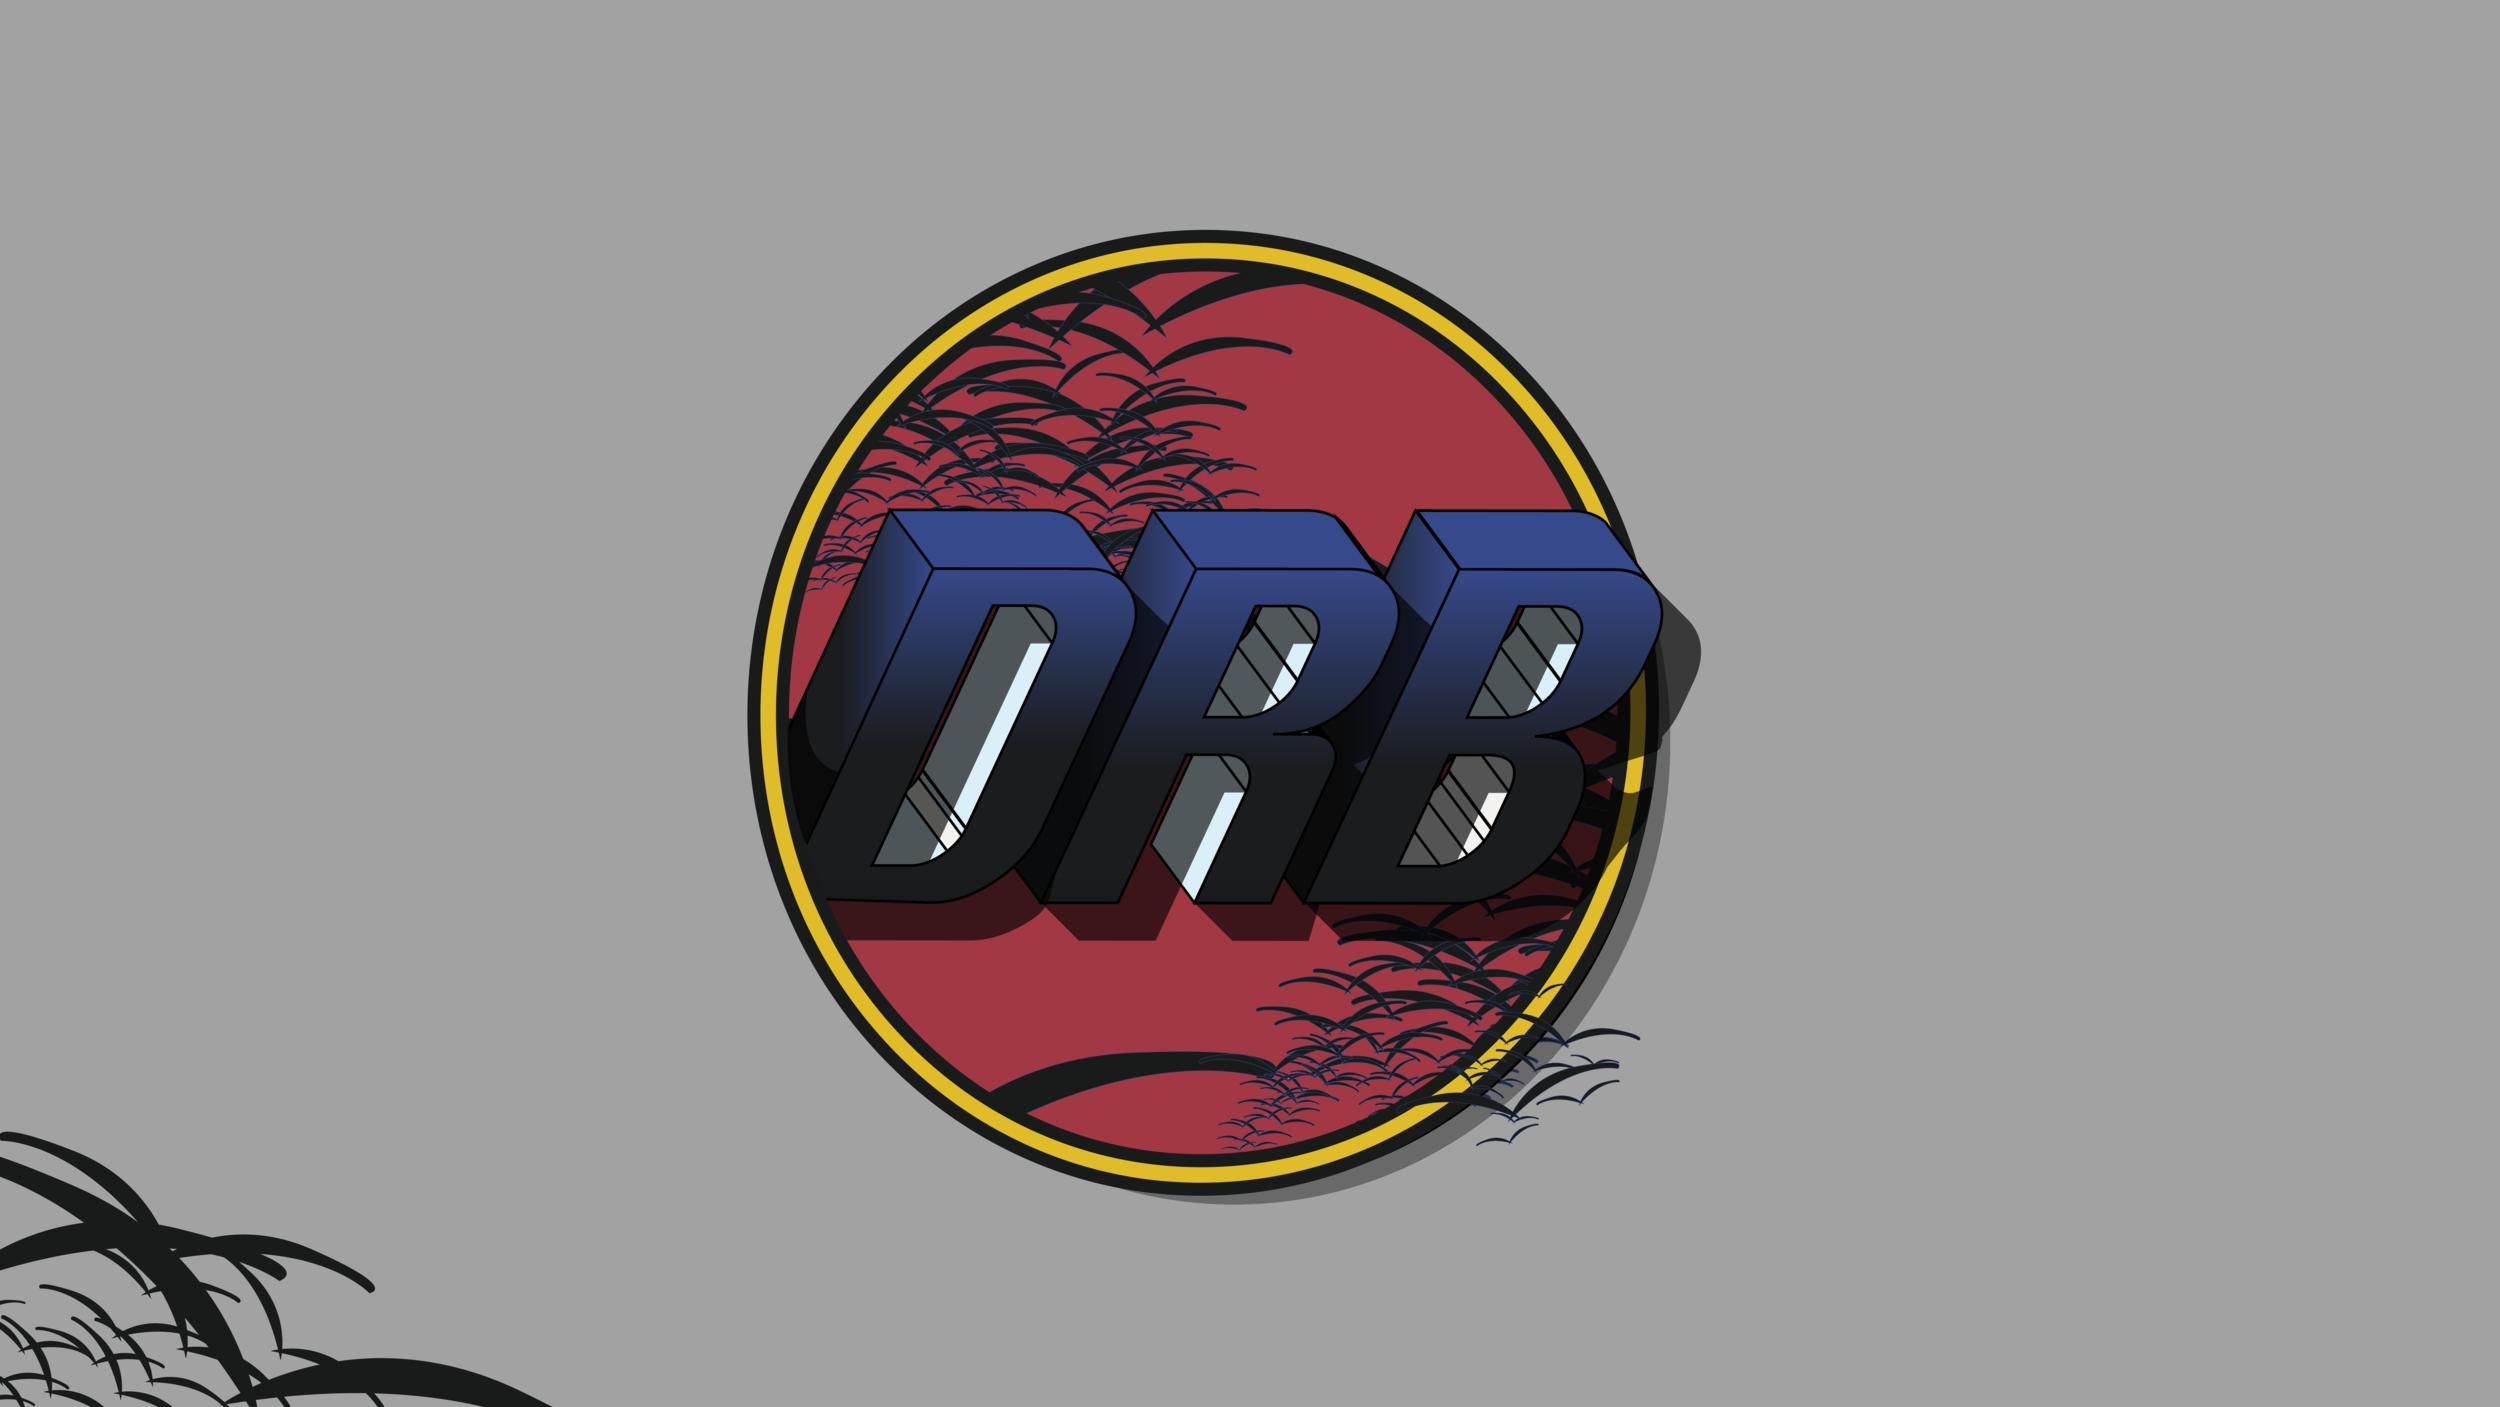 DRB_Batman-06.png